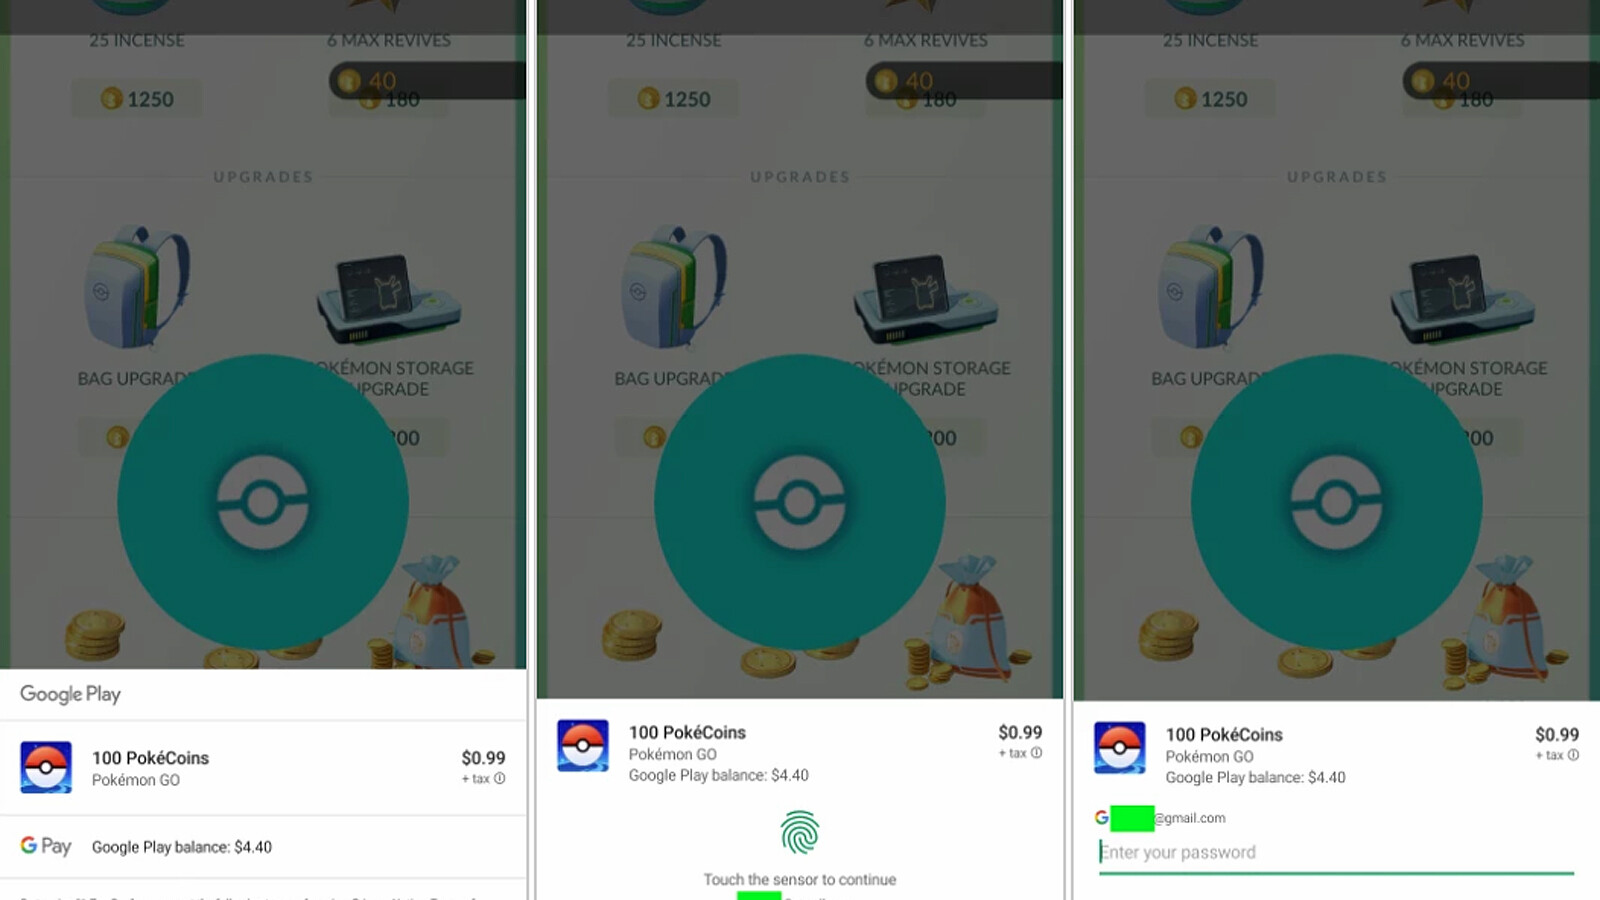 Die neue Benutzeroberfläche für die In-App-Kauf-Funktion von Google Play wird jetzt